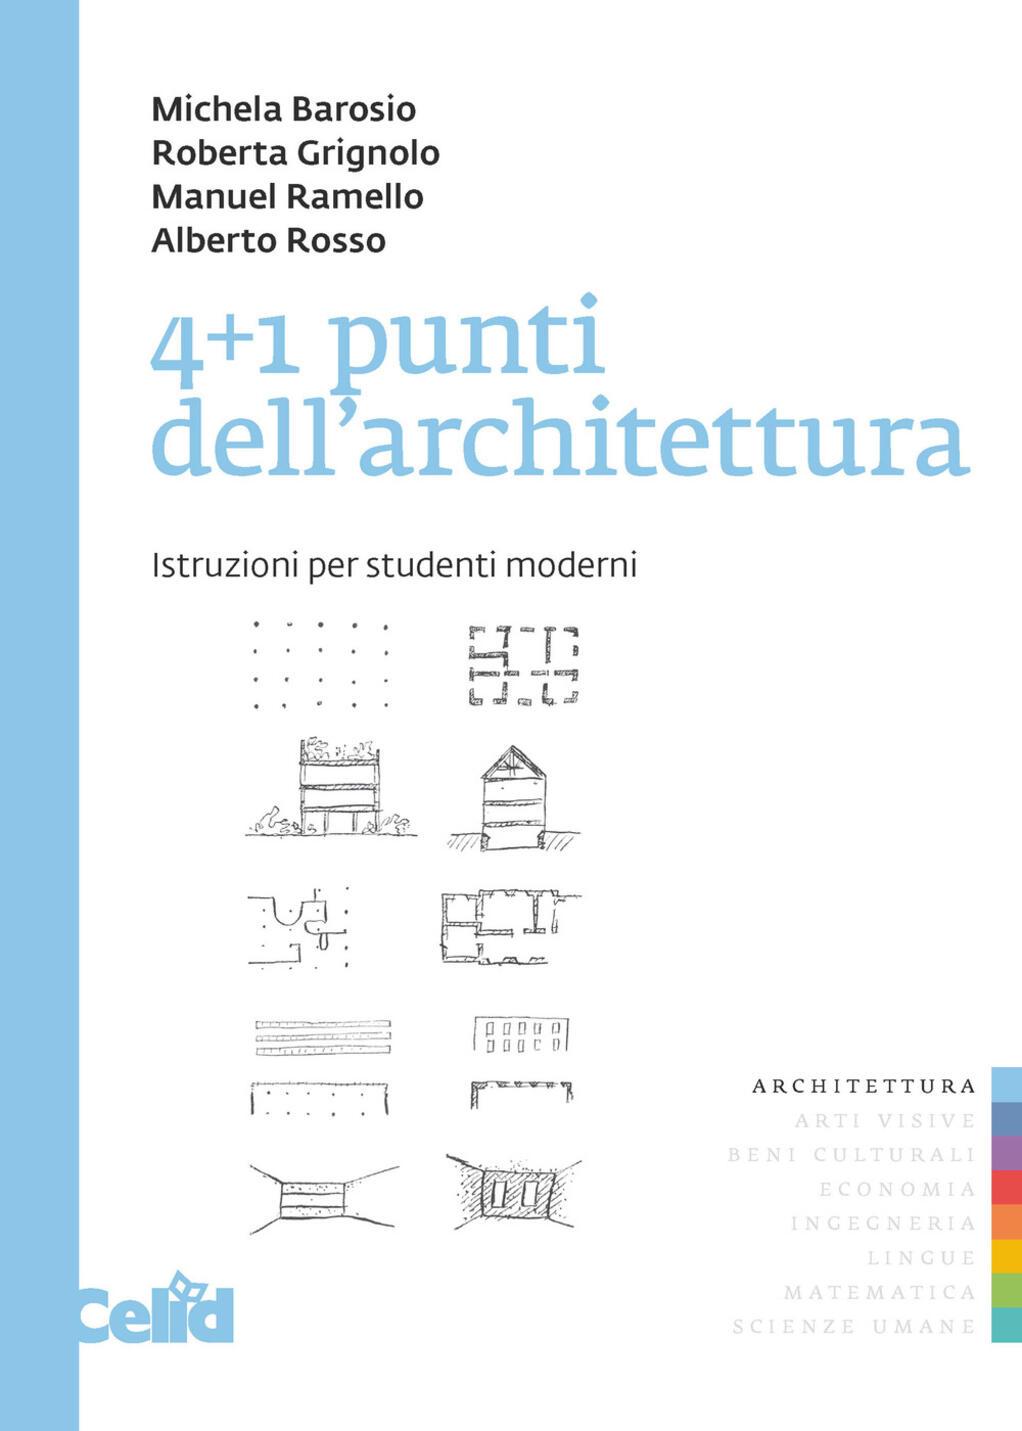 4 1 punti dell 39 architettura istruzioni per studenti for Libri sull architettura